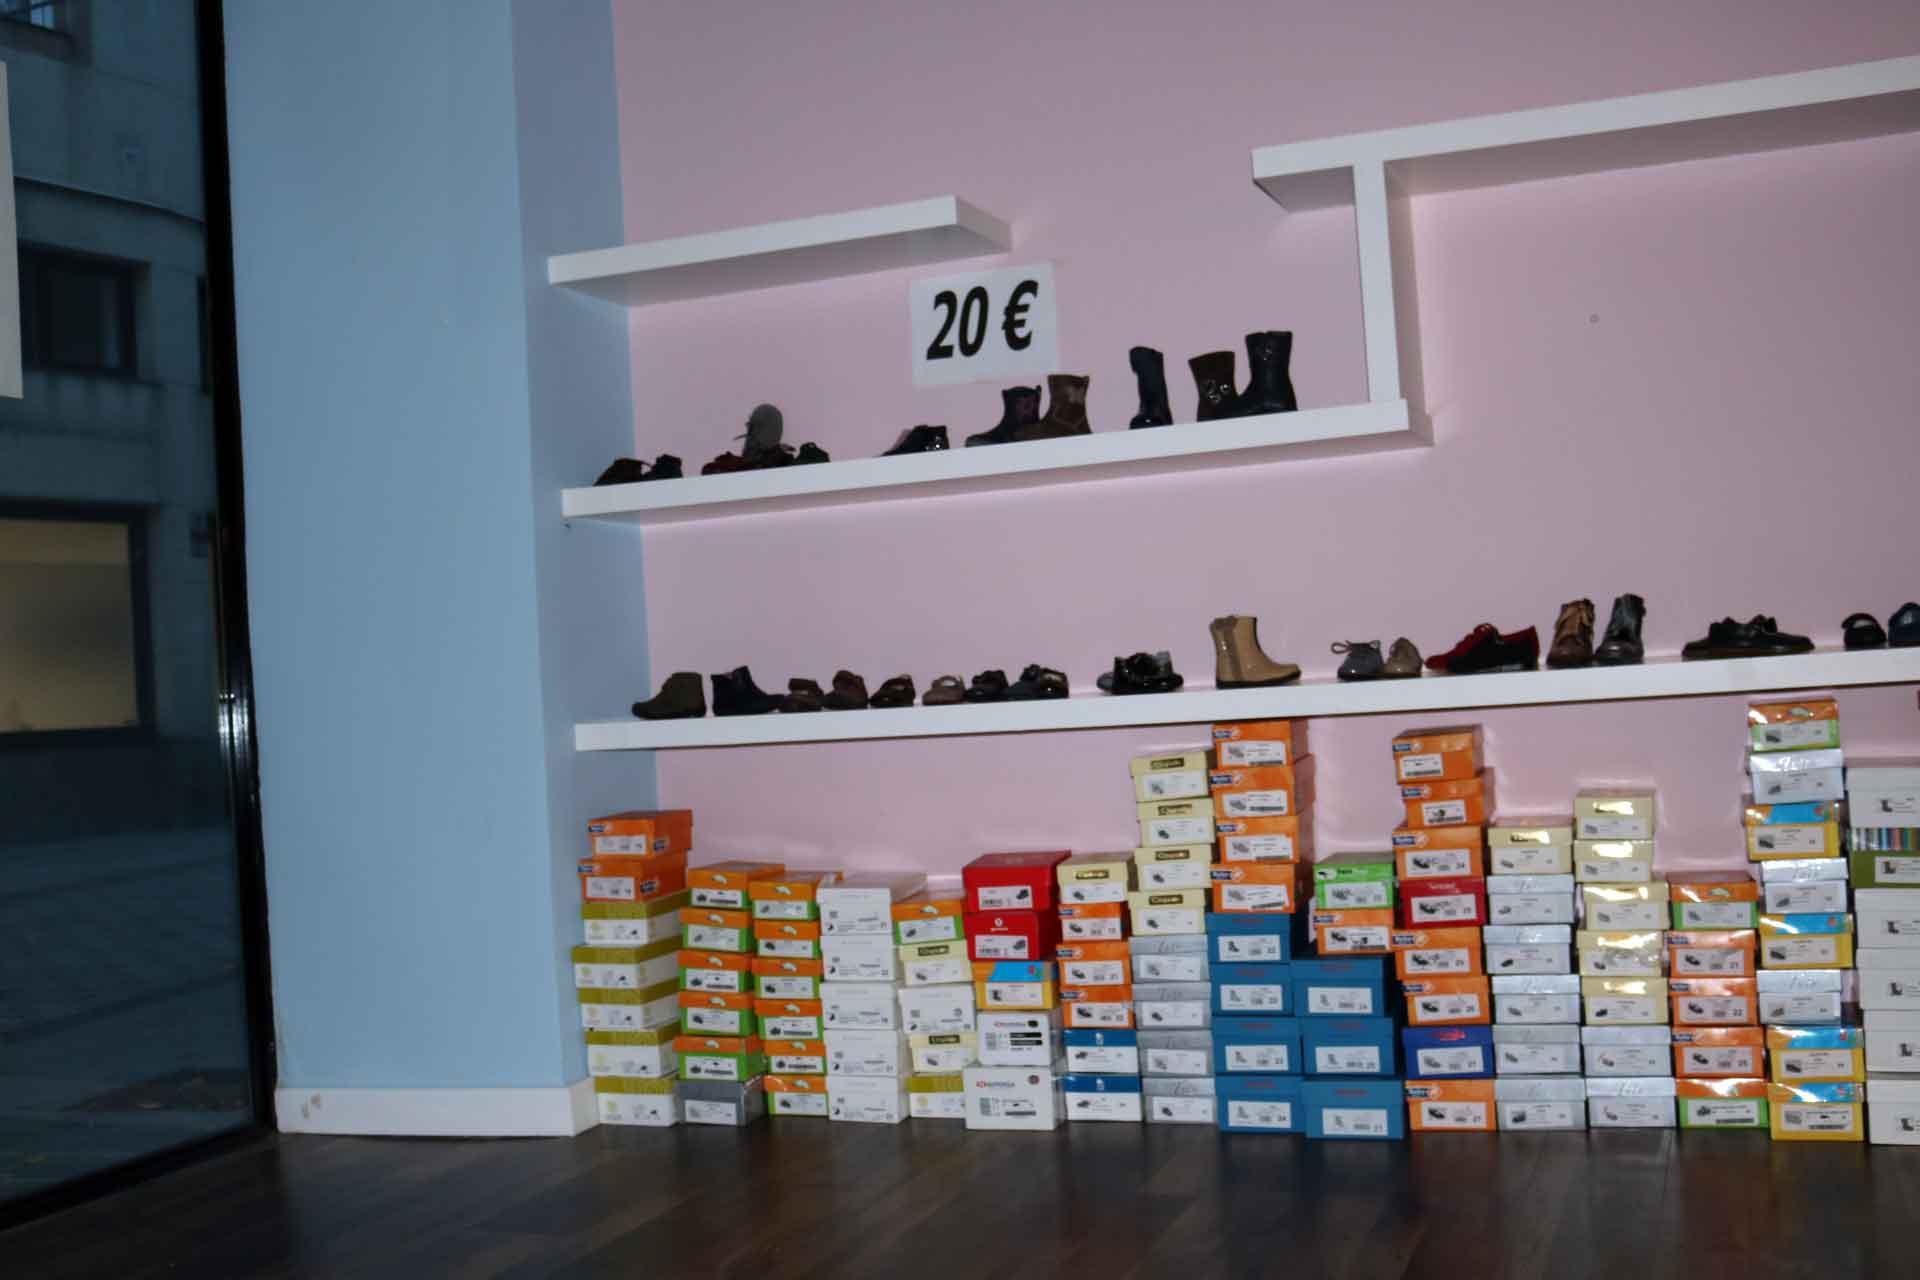 Outlet de calzado infantil en la zapater a correcaminos de irun txikis del bidasoa - Zapateria casas outlet ...